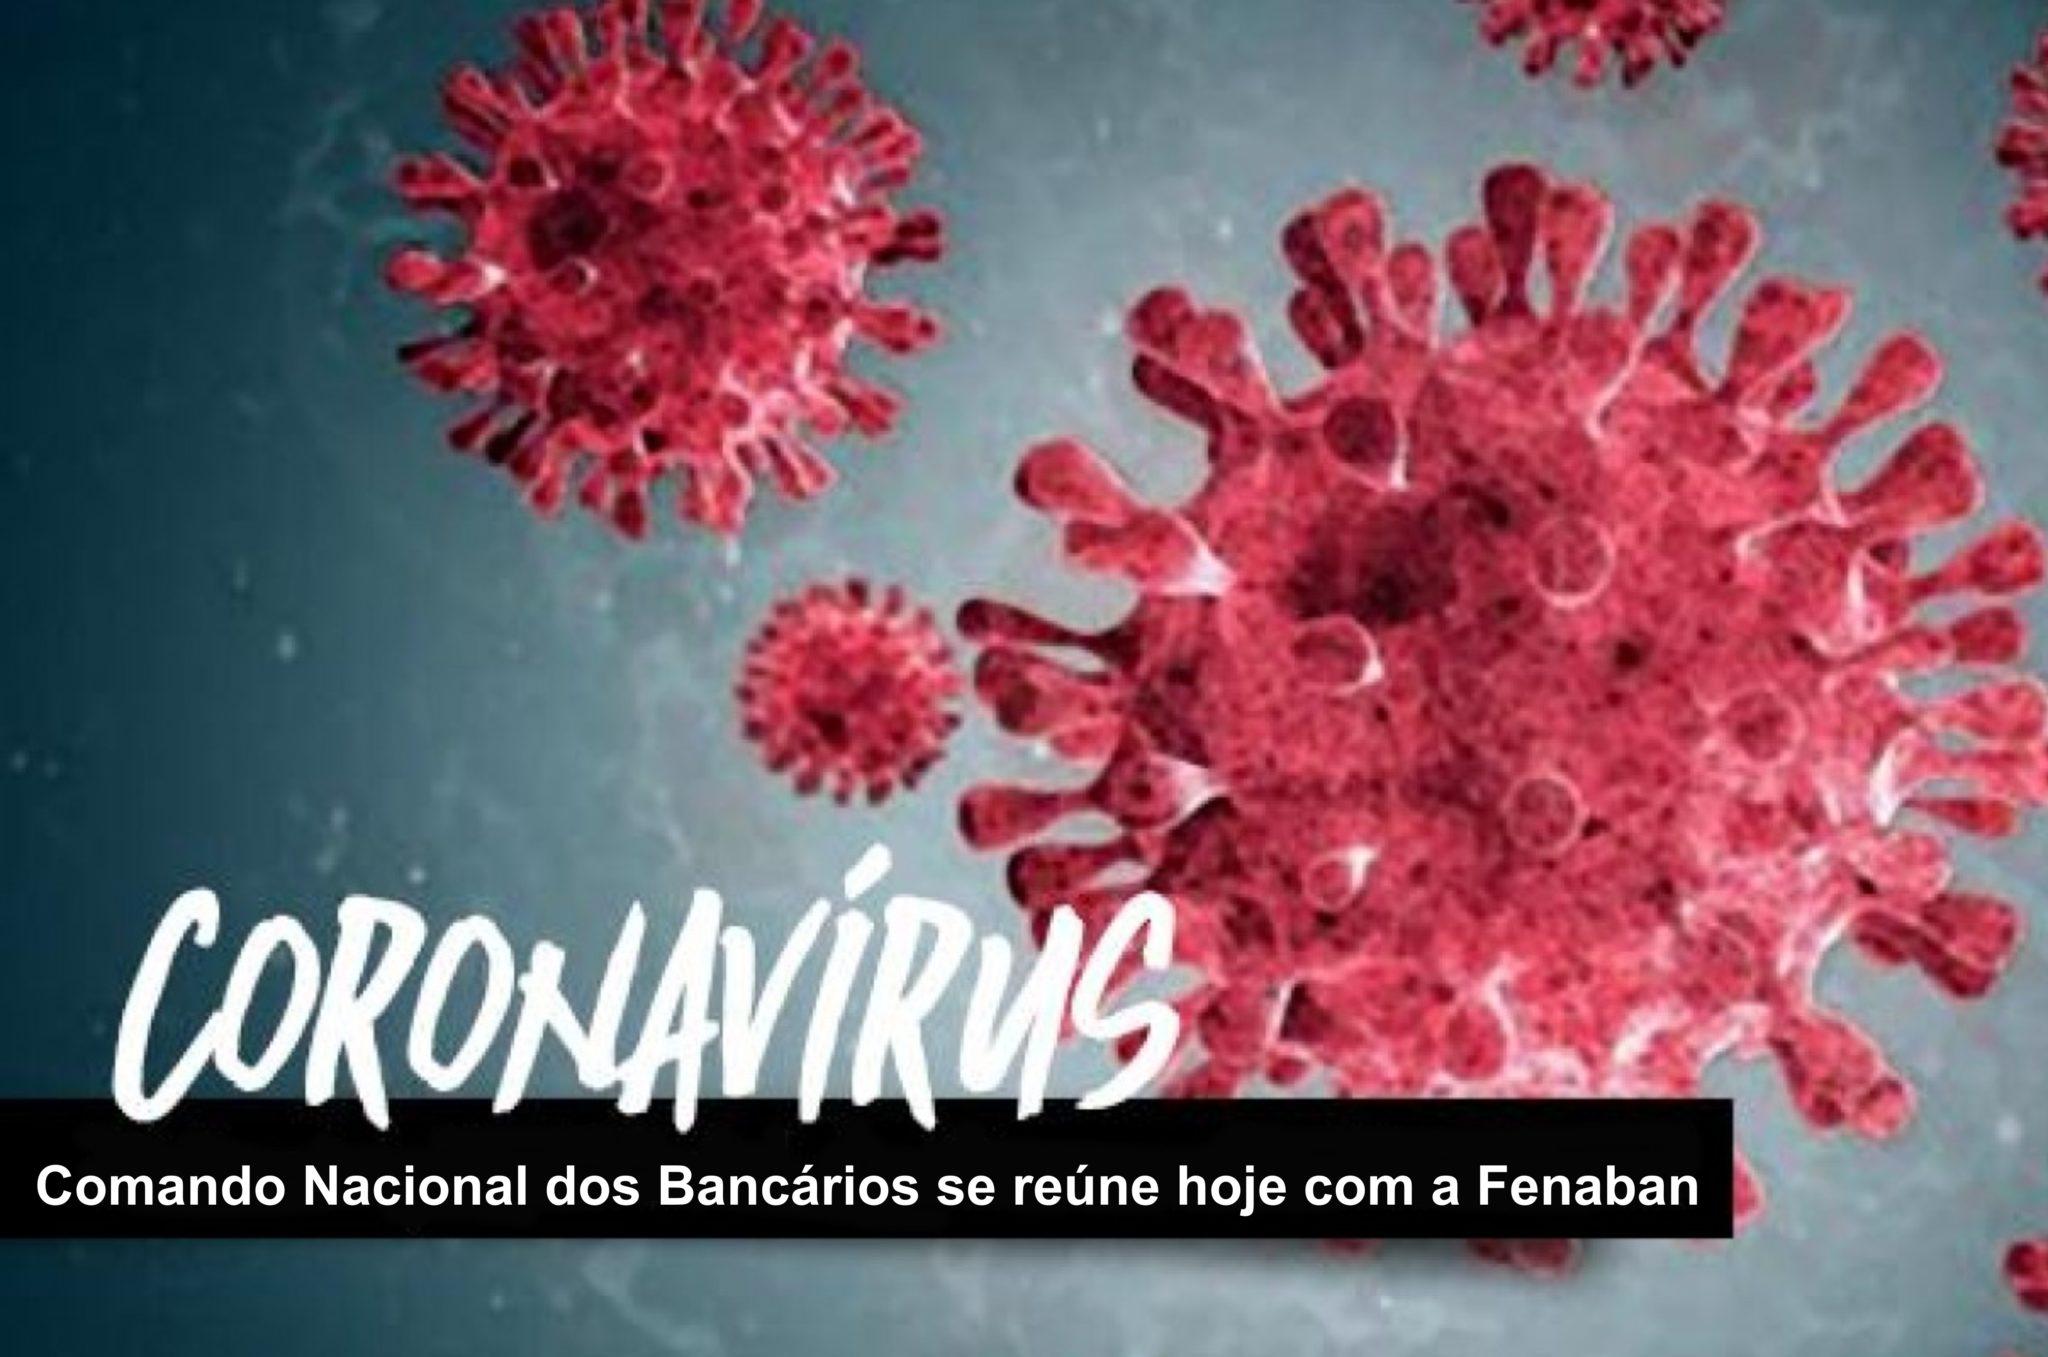 tag3-coronavirus-reuniao-do-comando-com-fenaban-2048x1357.jpg